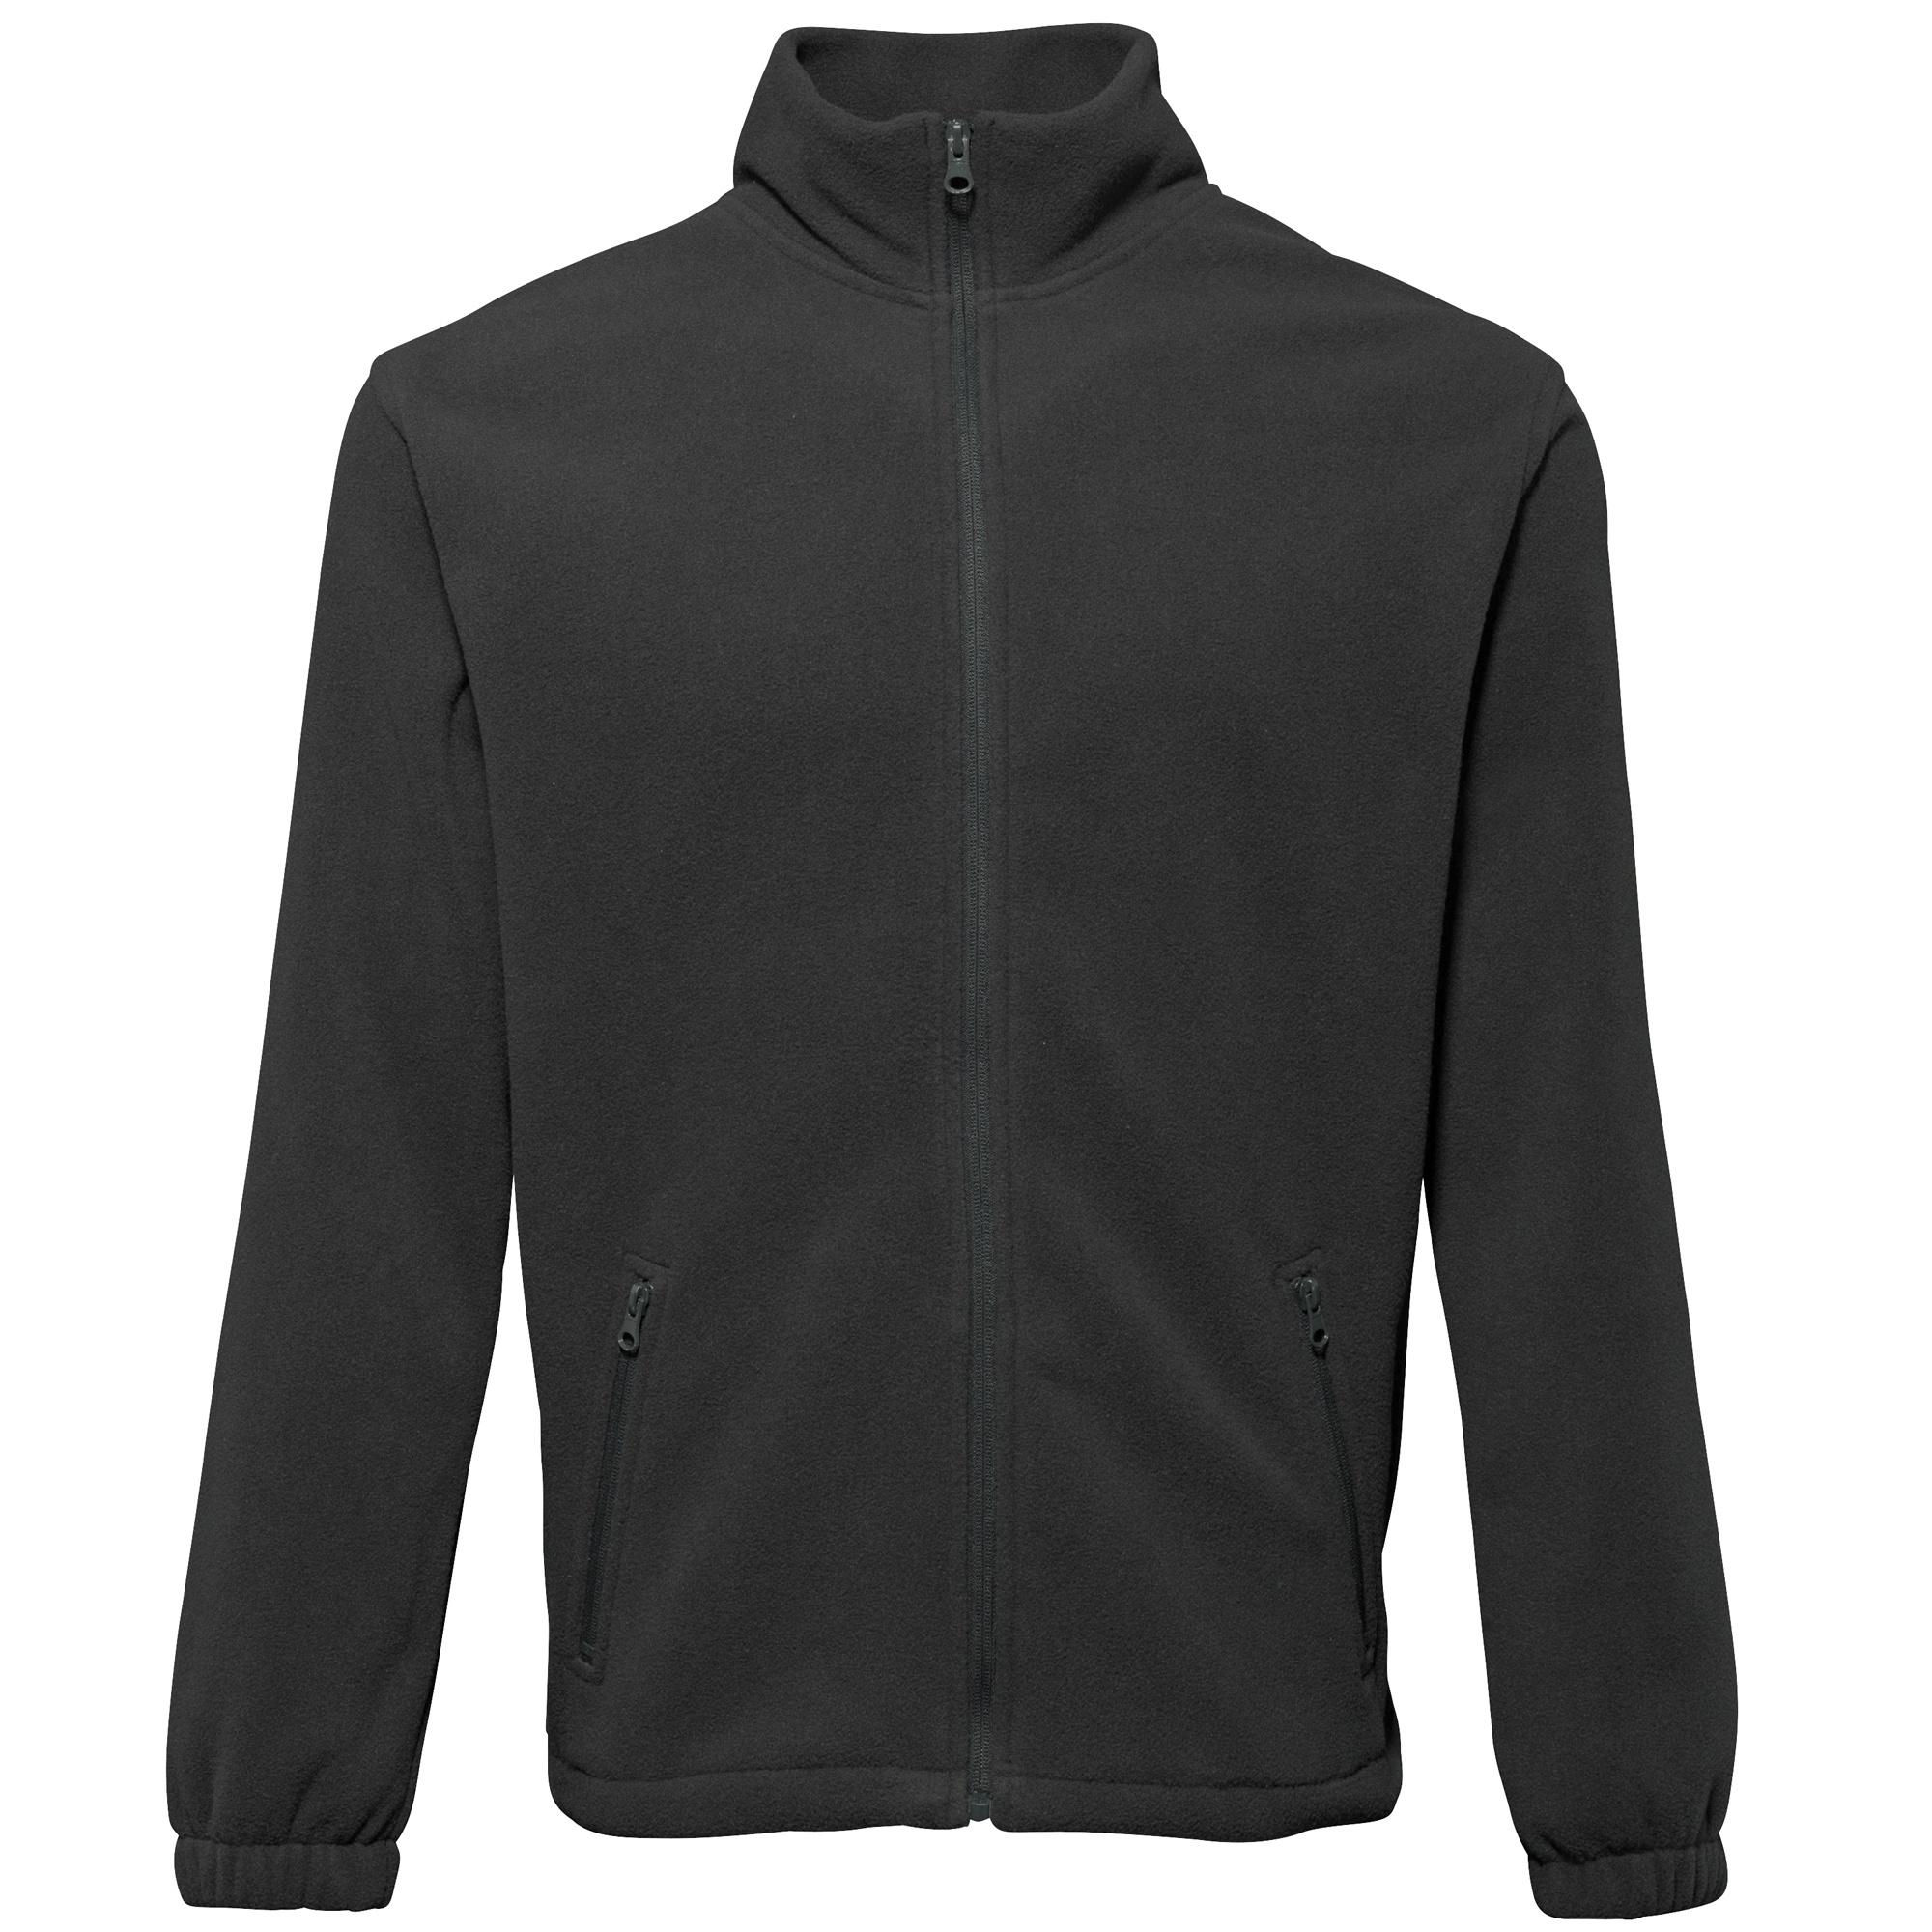 2786 Mens Full Zip Fleece Jacket (280 GSM) (XL) (Black)